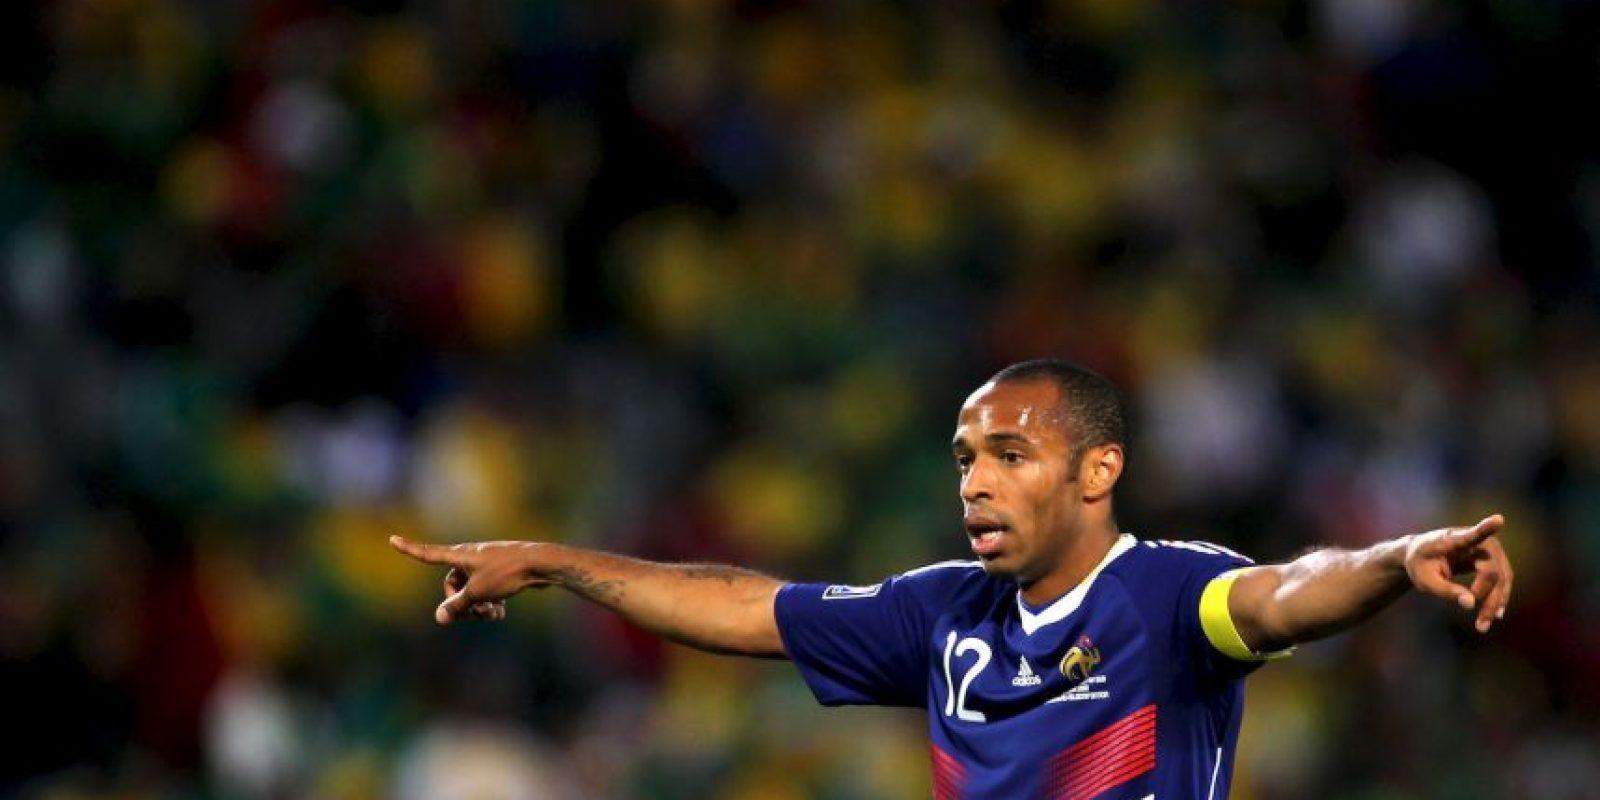 Jugó tres Eurocopa (2000, 2004 y 2008) y se coronó campeón en la primera que marcó, marcando tres goles en cinco partidos y entrando al equipo ideal de aquel campeonato Foto:Getty Images